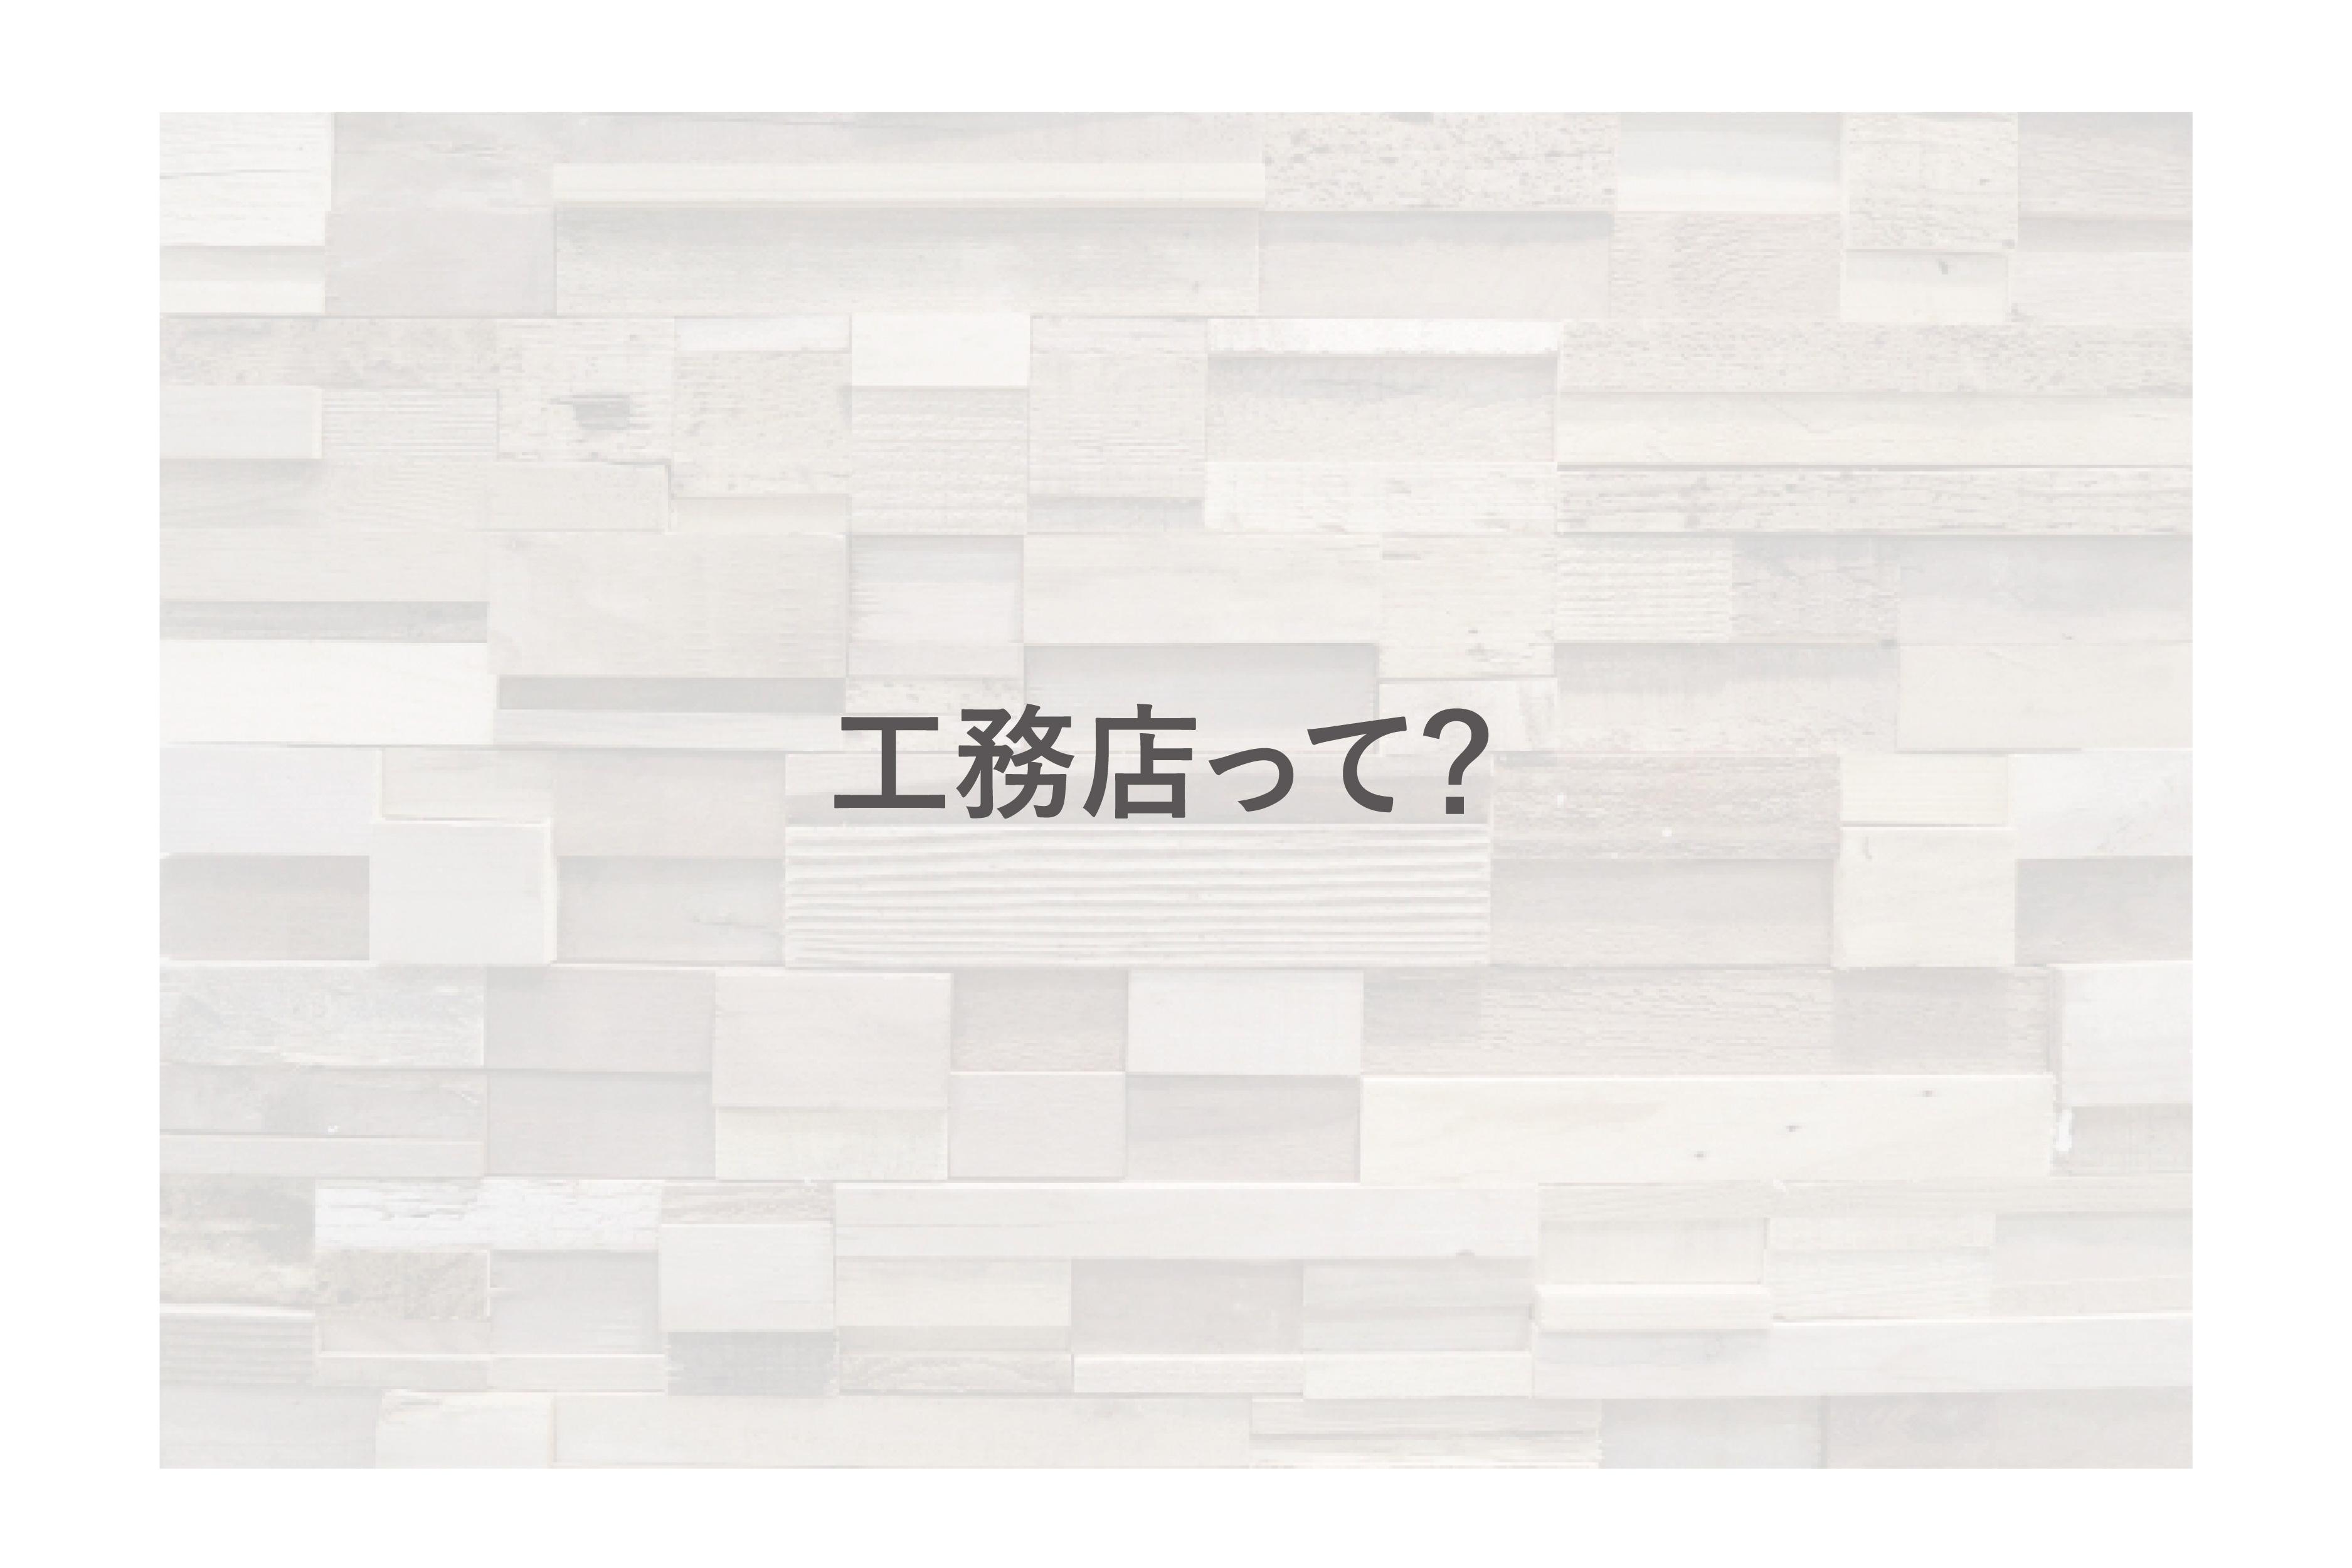 054photo-1